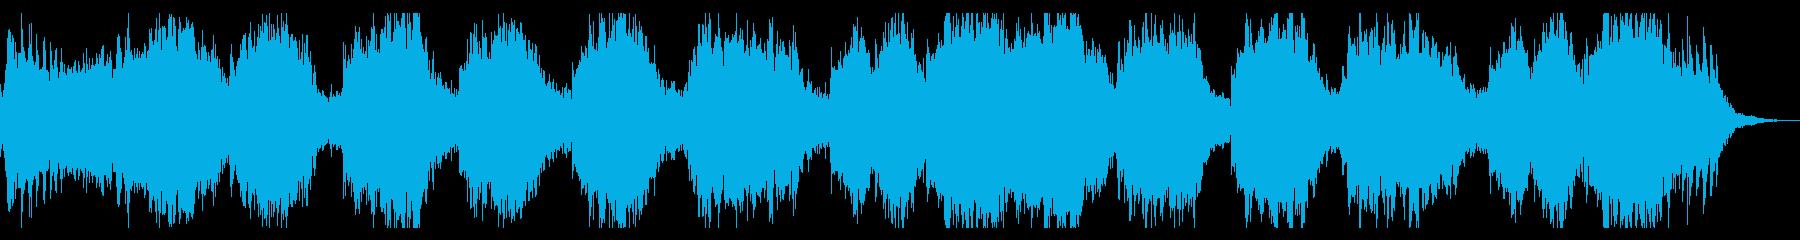 ダークな恐怖感の演出、シネマチックBGMの再生済みの波形